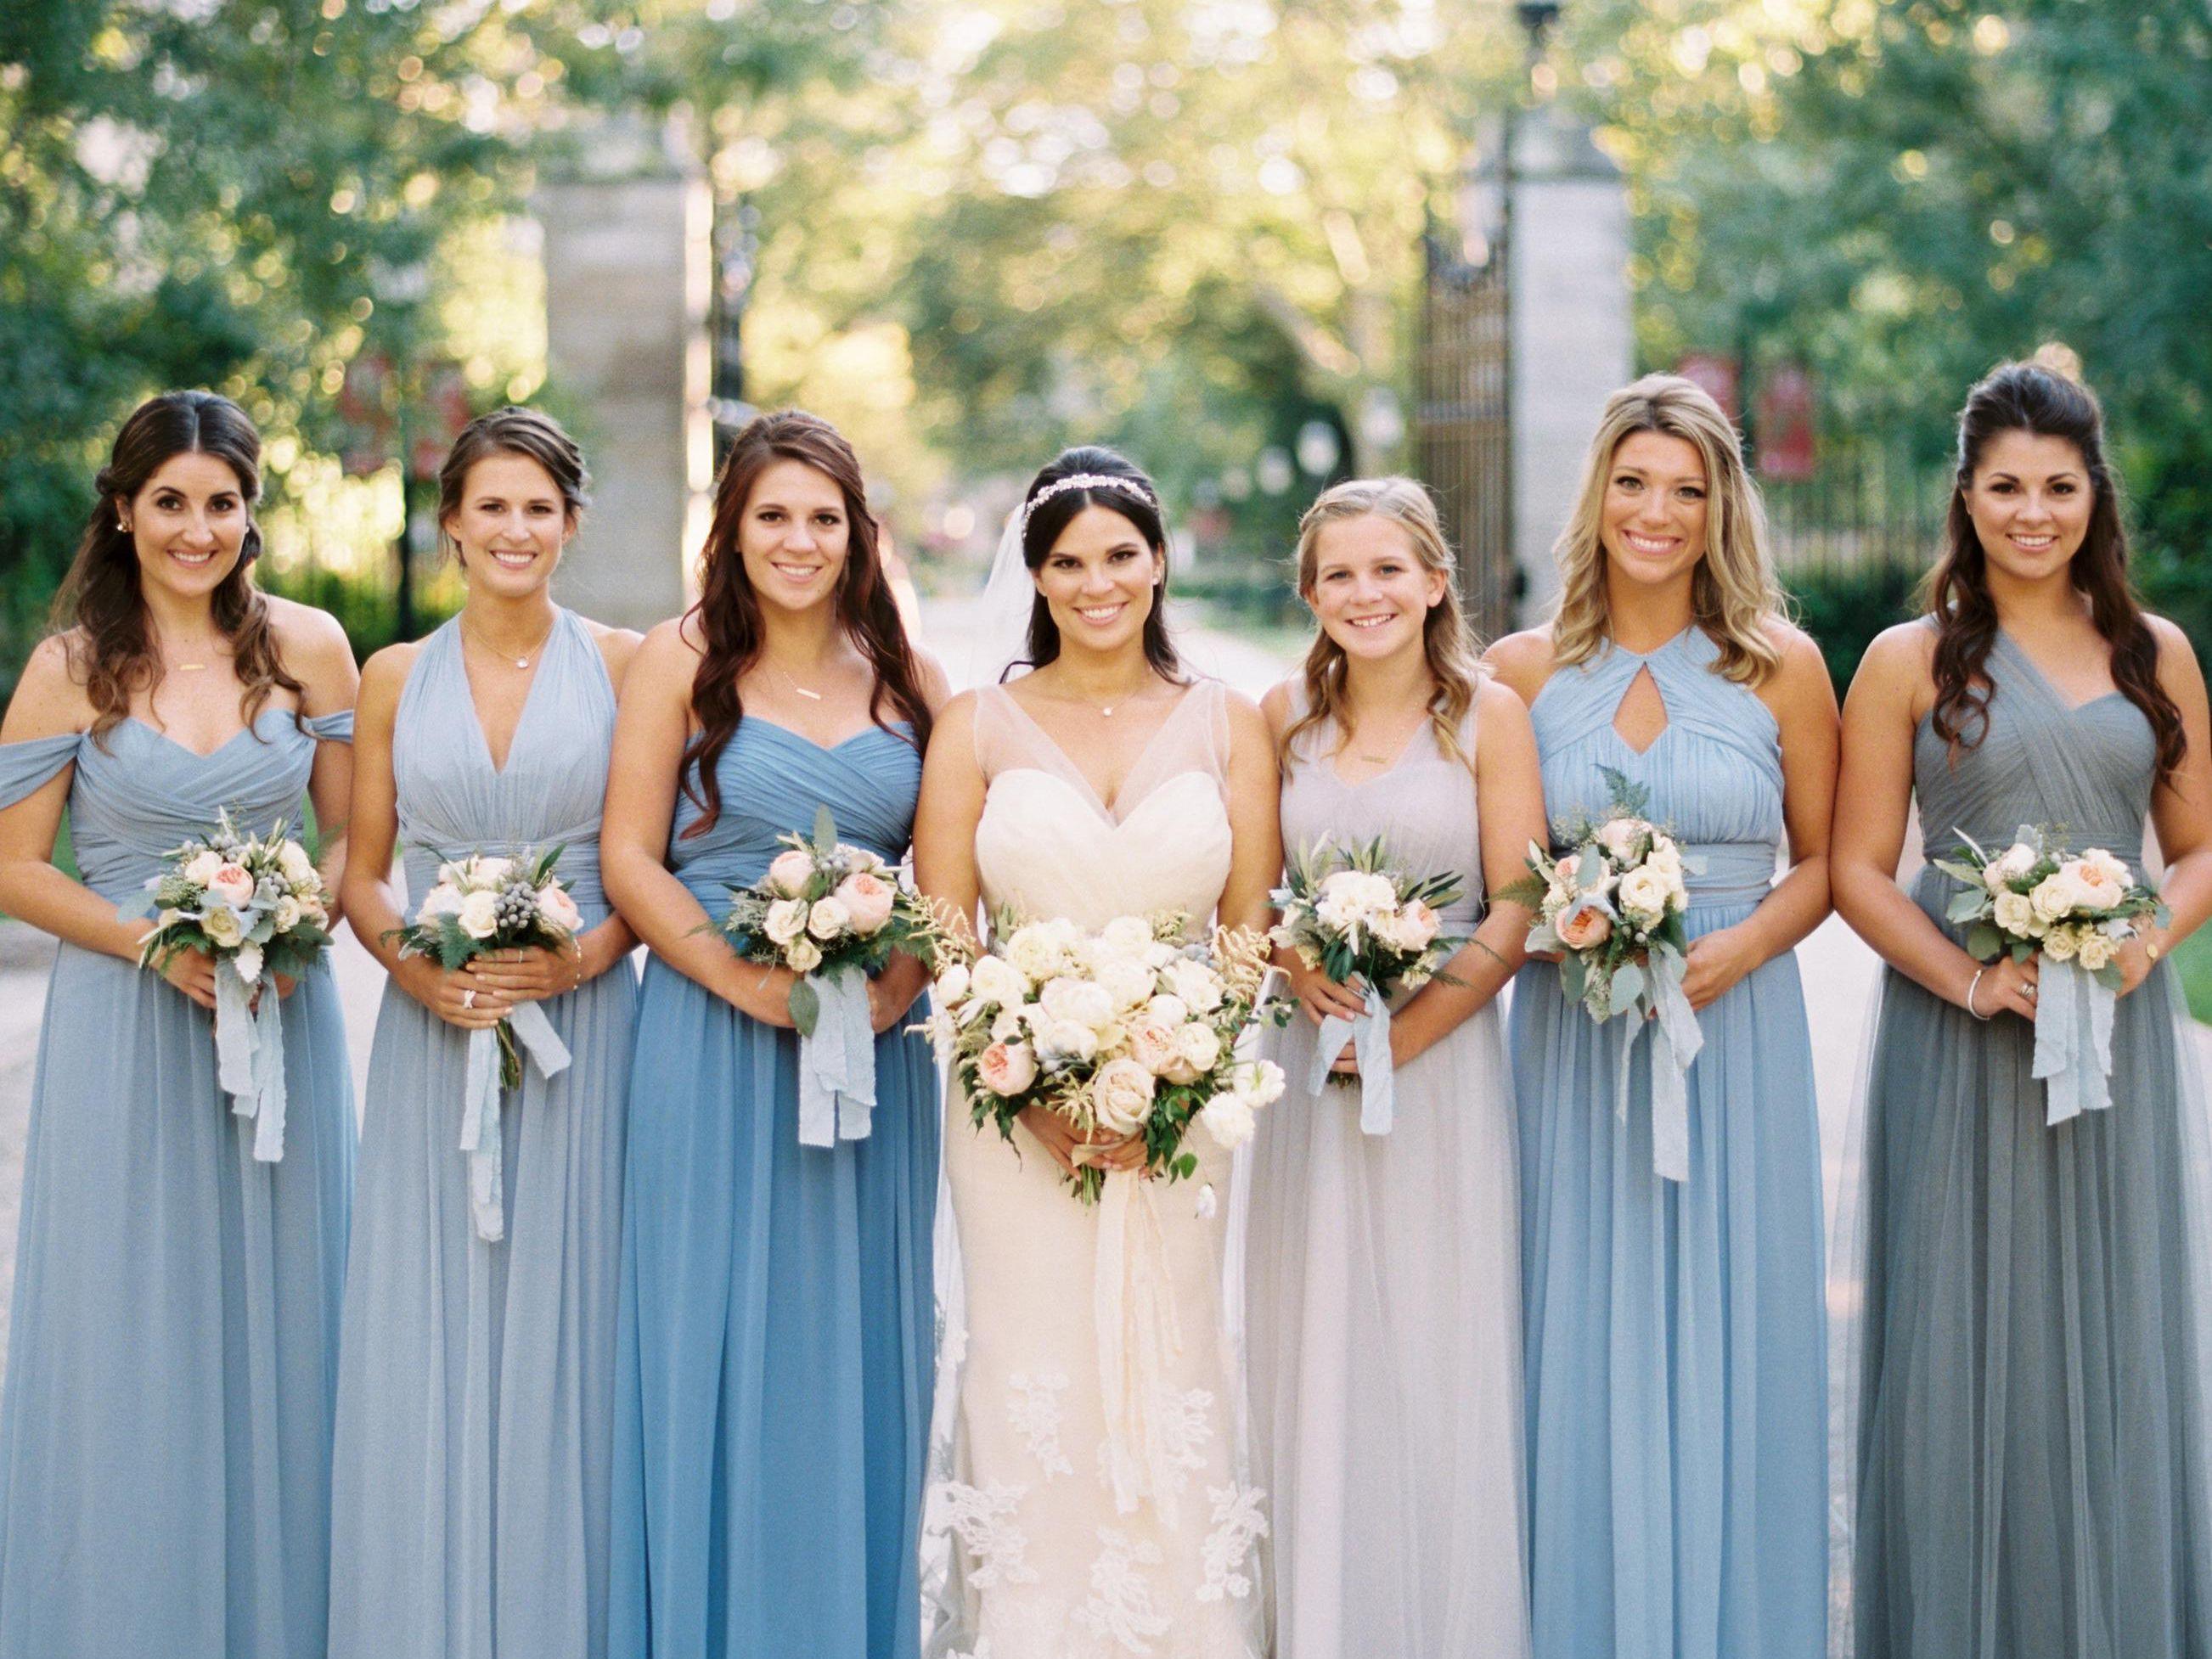 7 Tips For Choosing Timeless Bridesmaid Dresses,Formal Wedding Dresses For Men